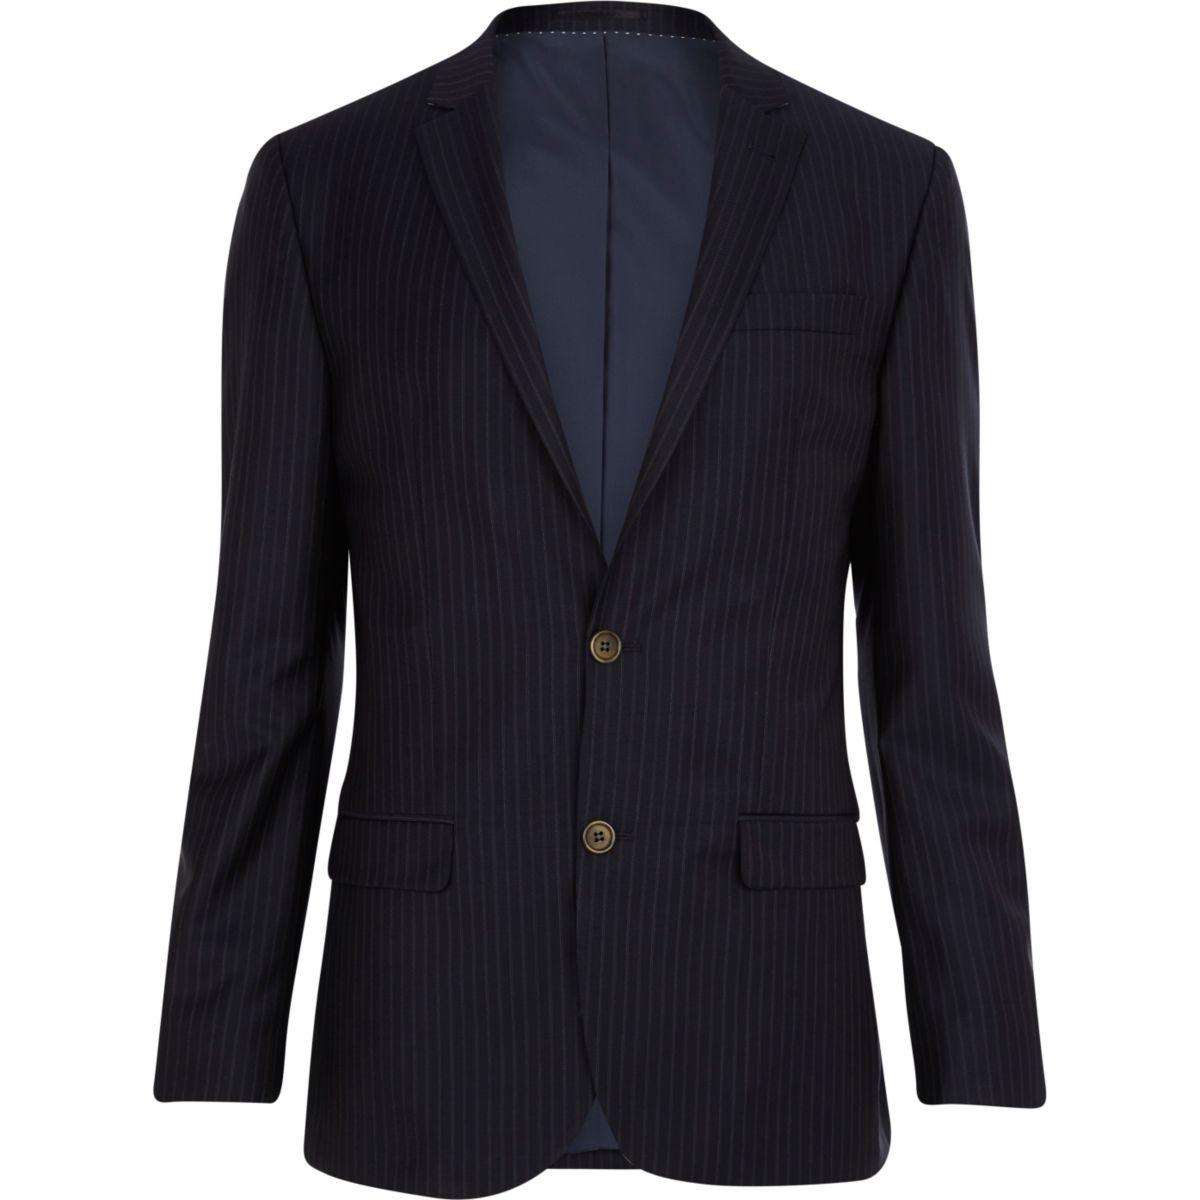 Navy pinstripe slim fit suit jacket